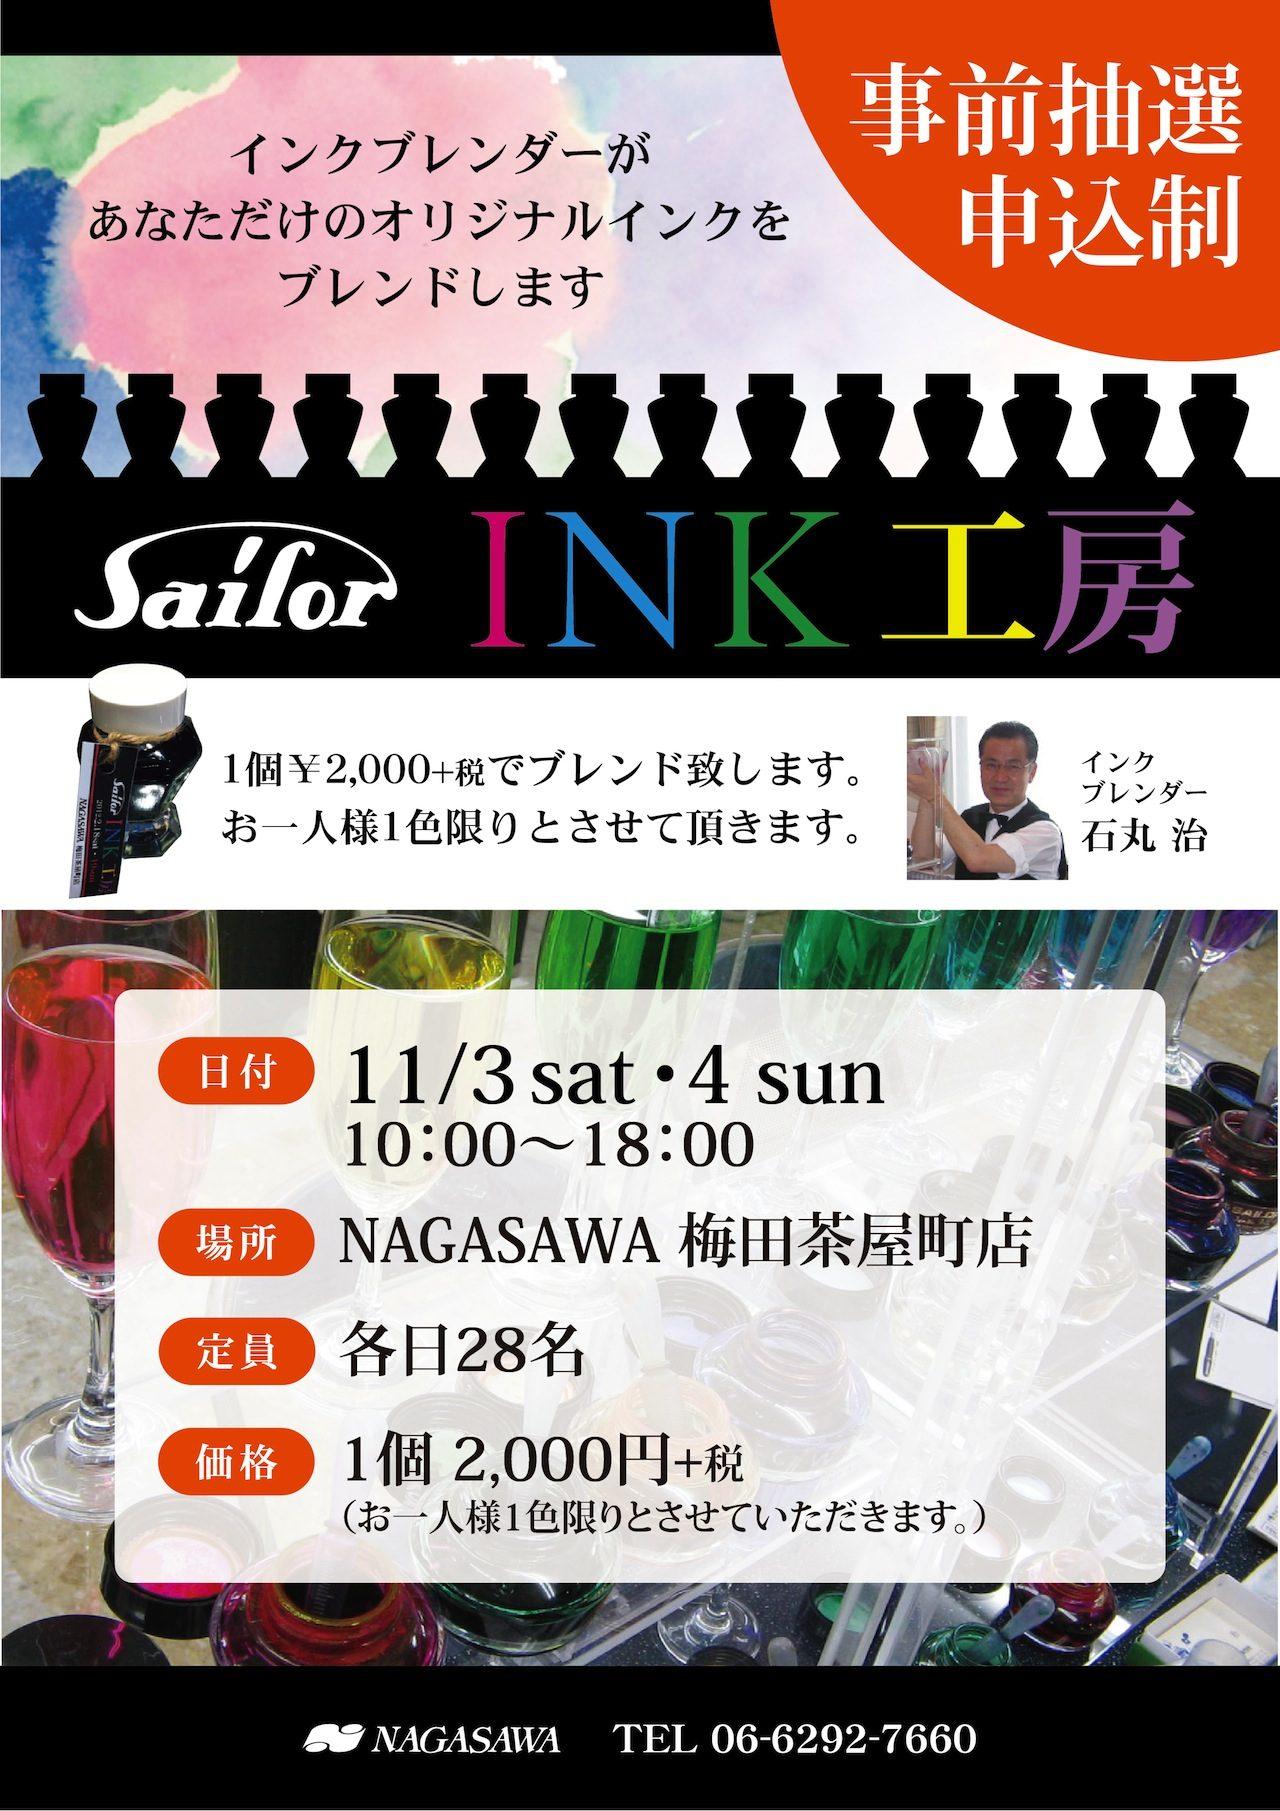 【梅田茶屋町店】自分だけのオリジナルインクが作れるイベント『セーラーインク工房』